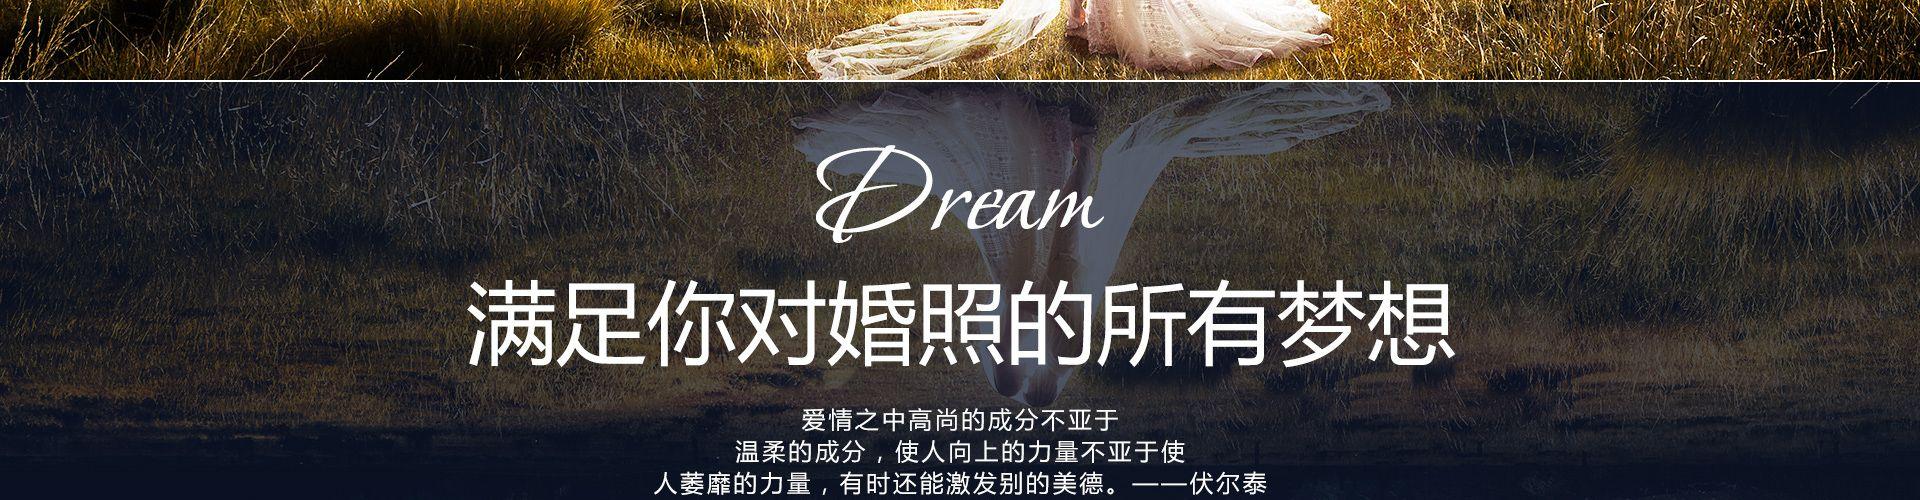 佳片集锦第11季